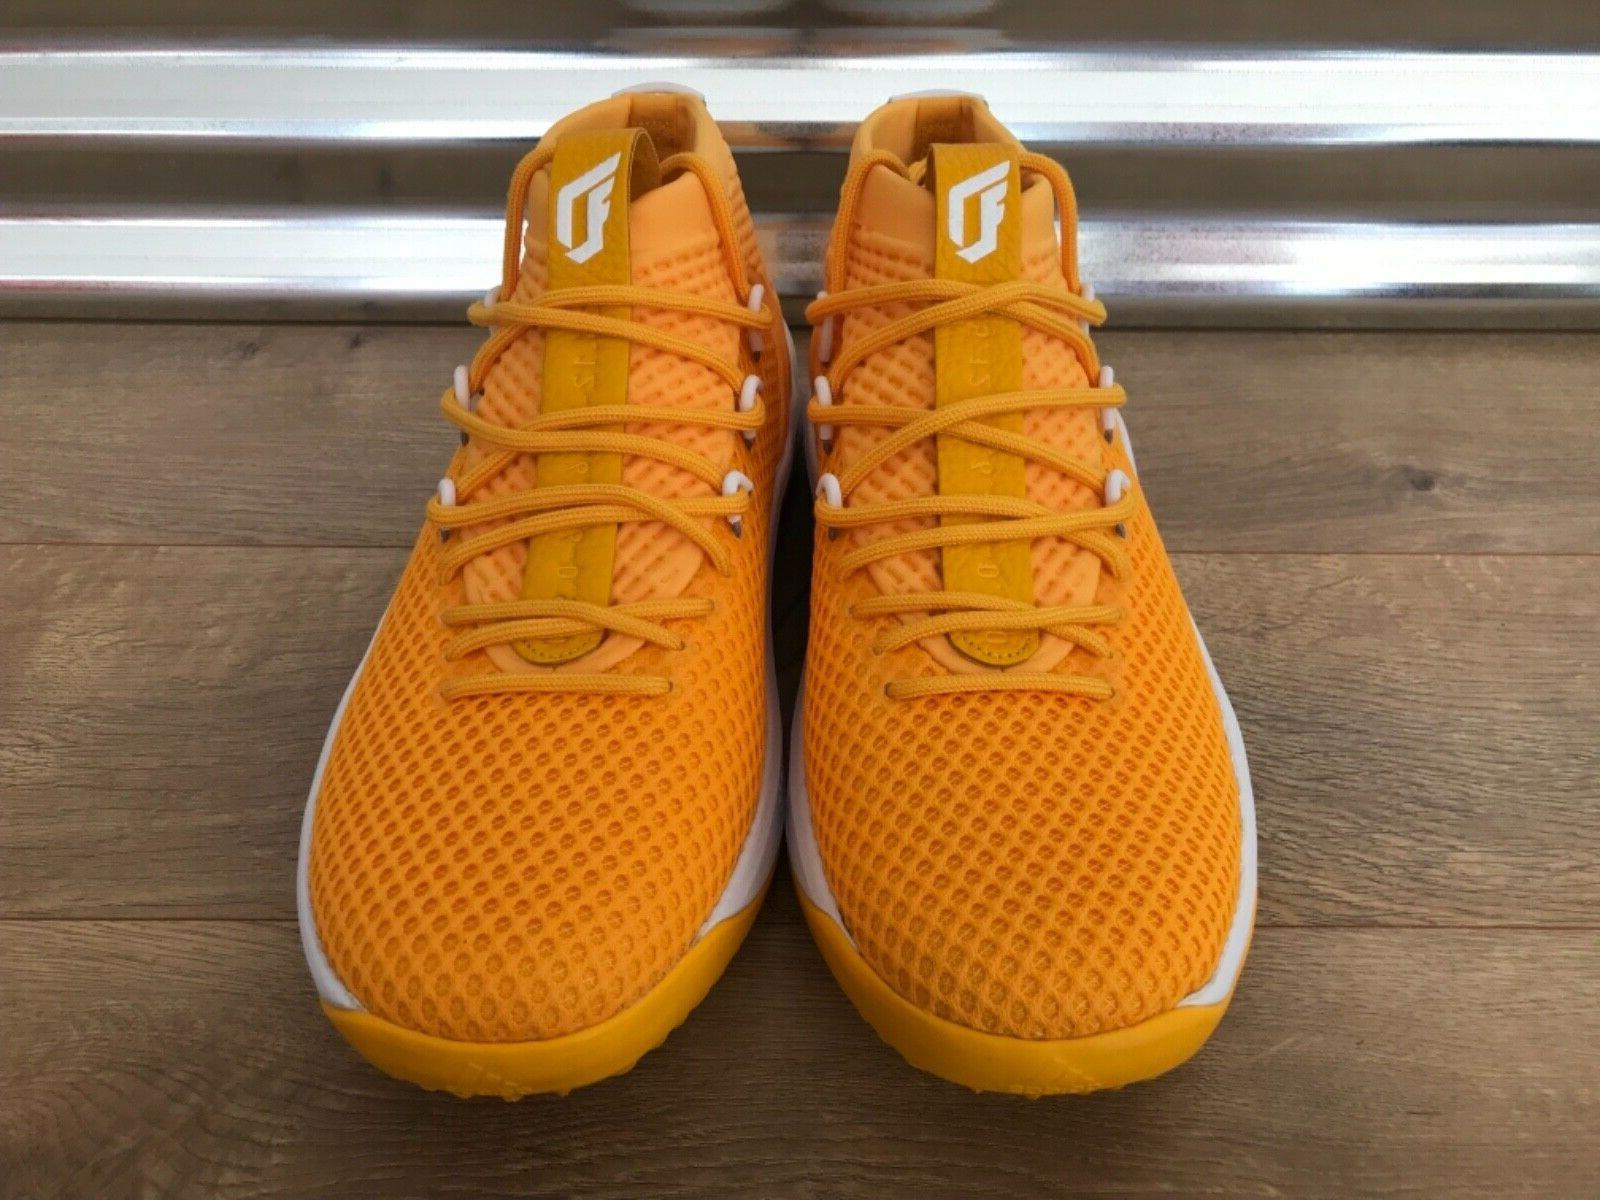 Adidas SM NBA Shoes Gold White NIB